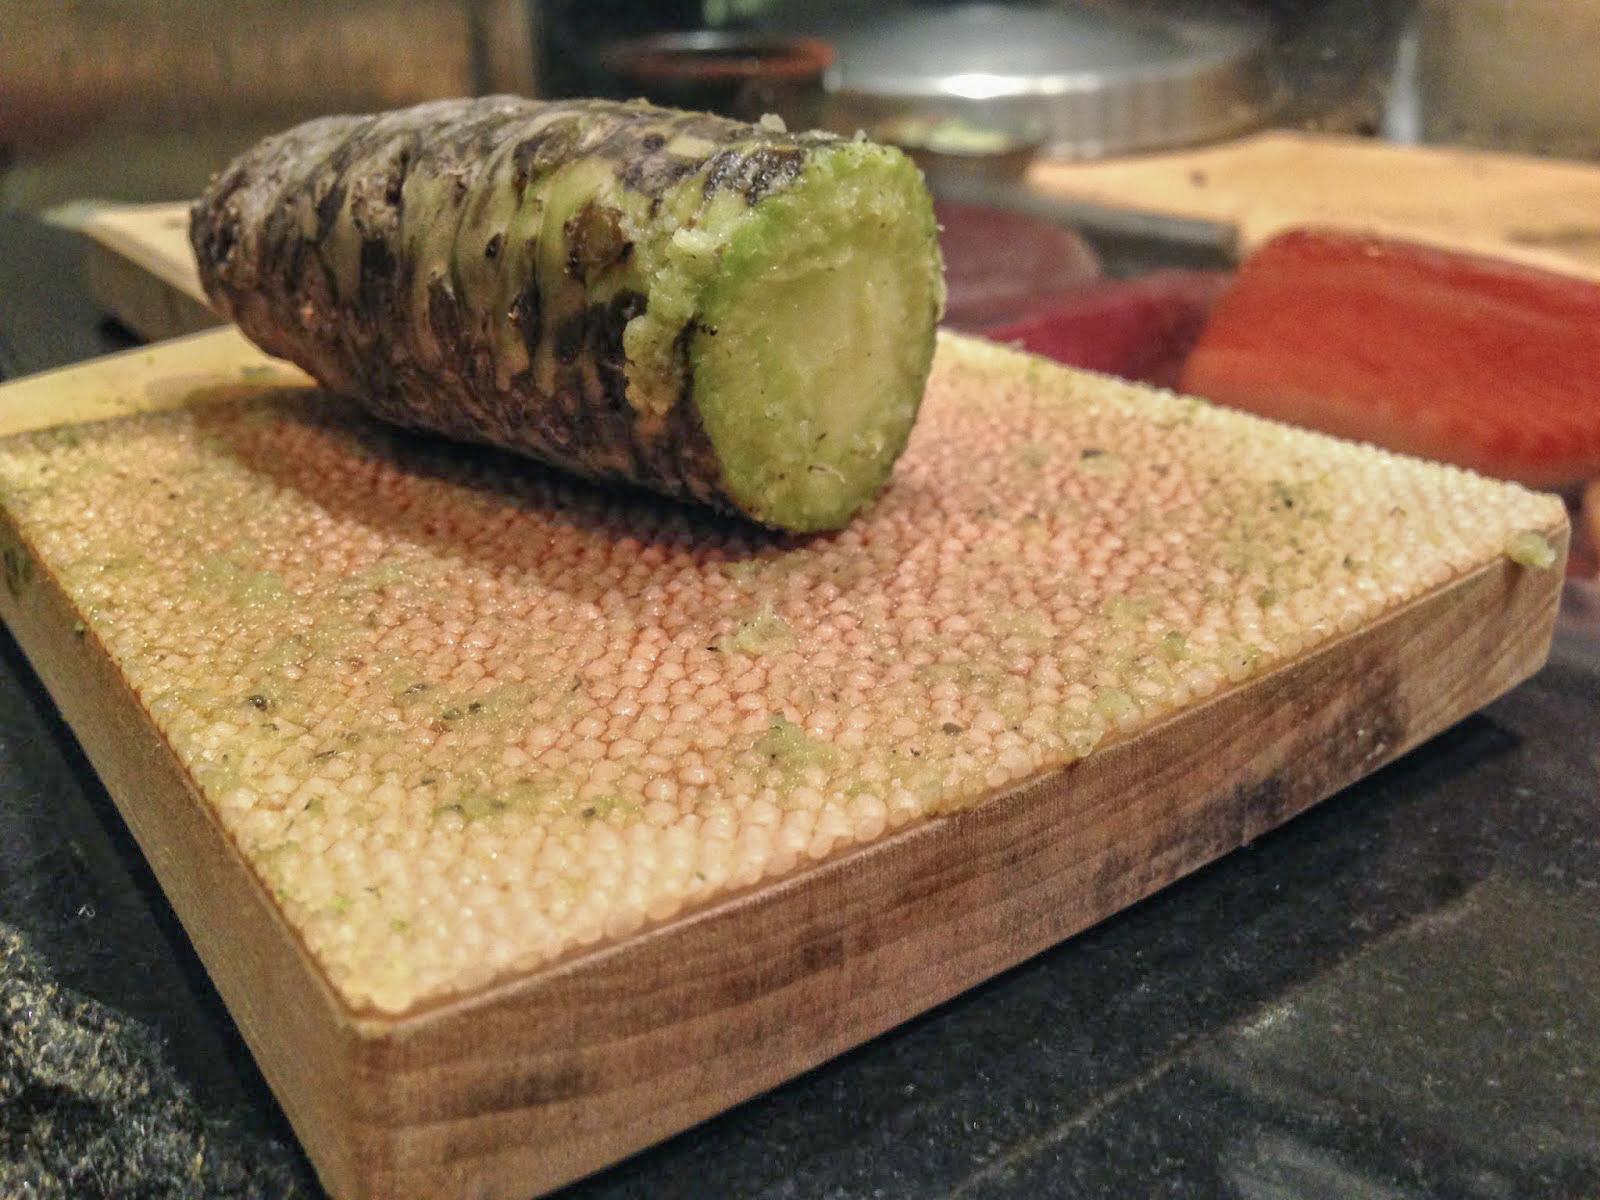 Fresh wasabi from Amagi mountains